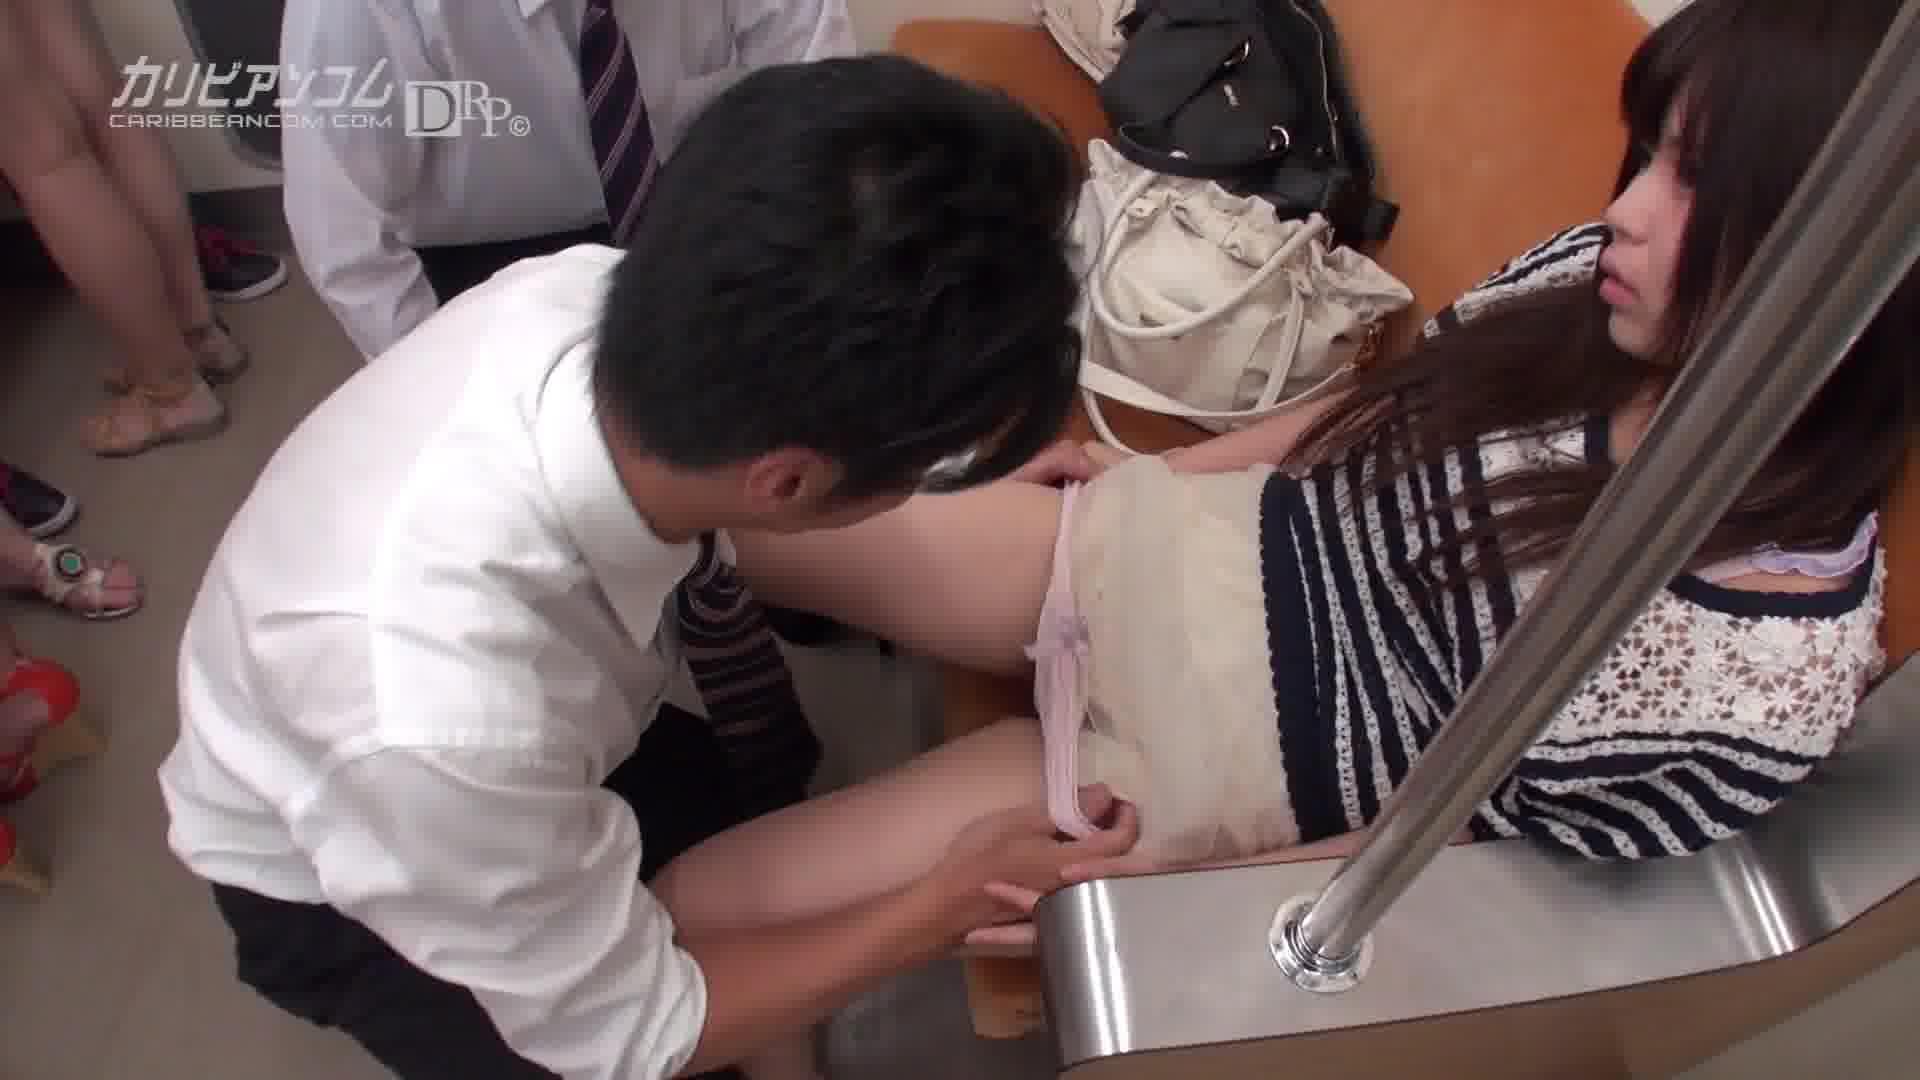 タイムファックバンディット 時間よ止まれ 女性専用車両編 - 紺野渚 【乱交・ギャル・中出し】